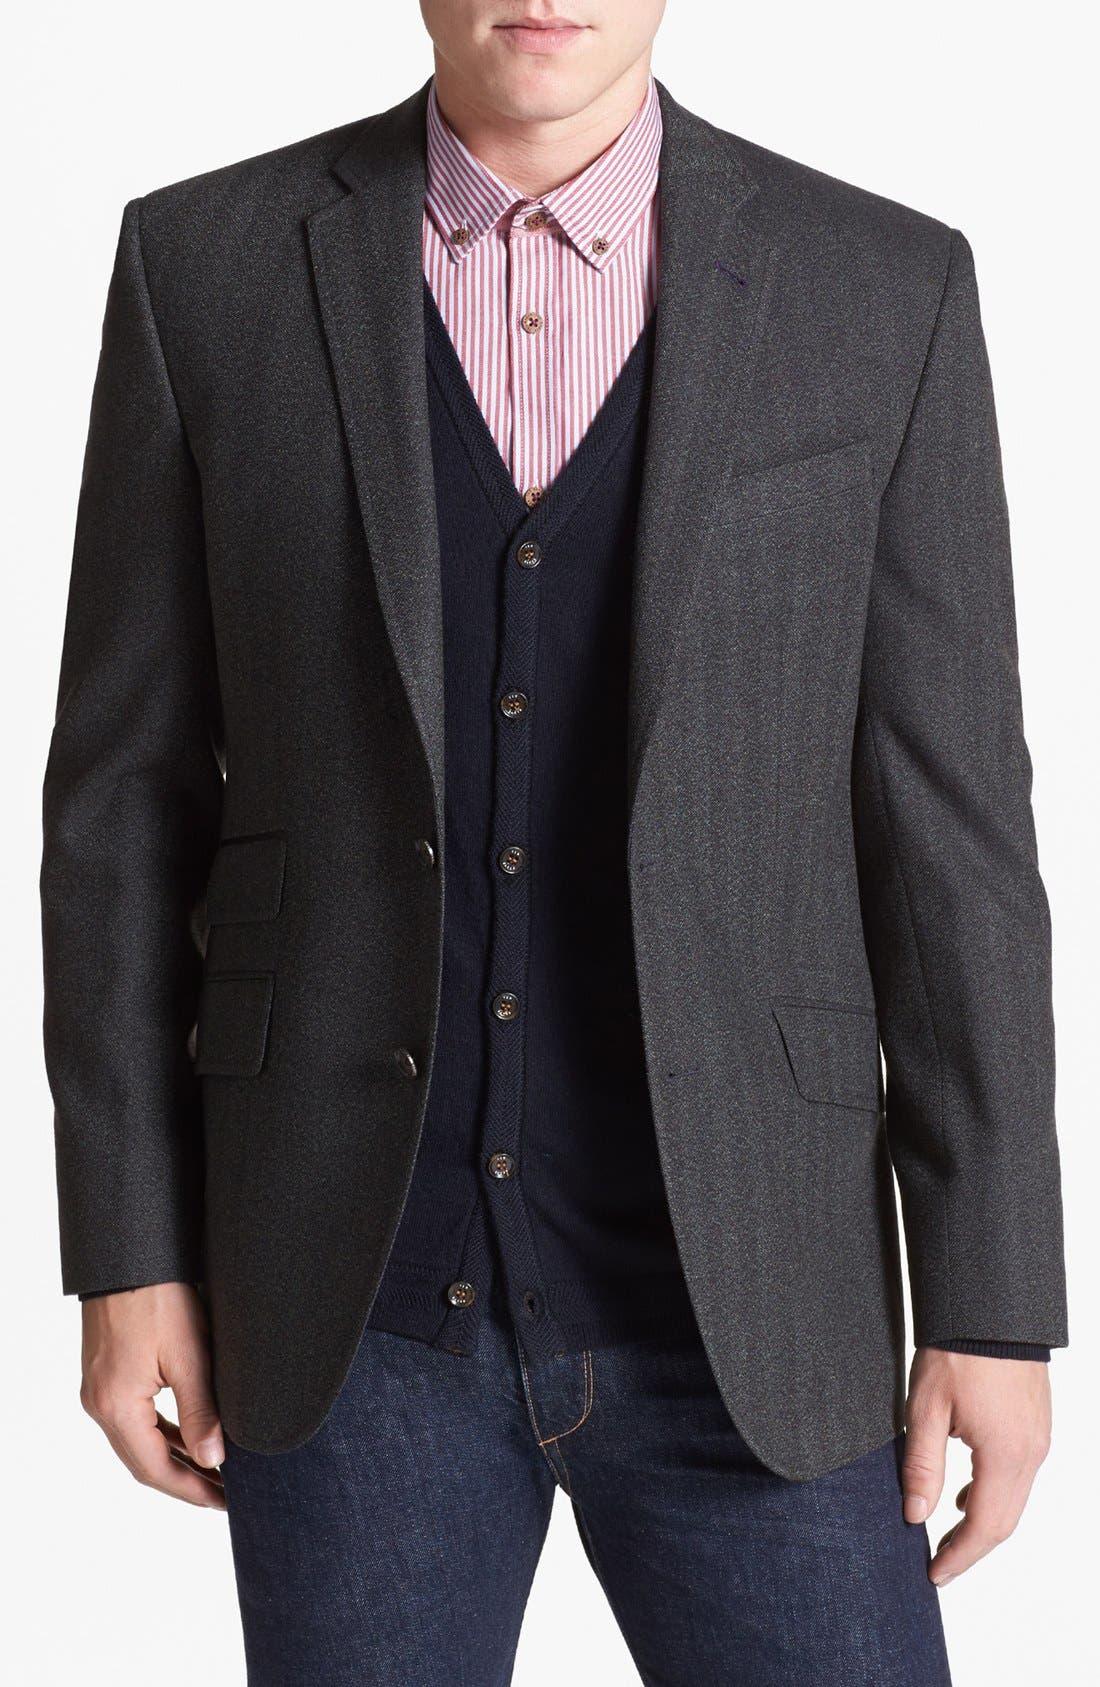 Alternate Image 1 Selected - Ted Baker London 'Jim' Trim Fit Herringbone Sportcoat